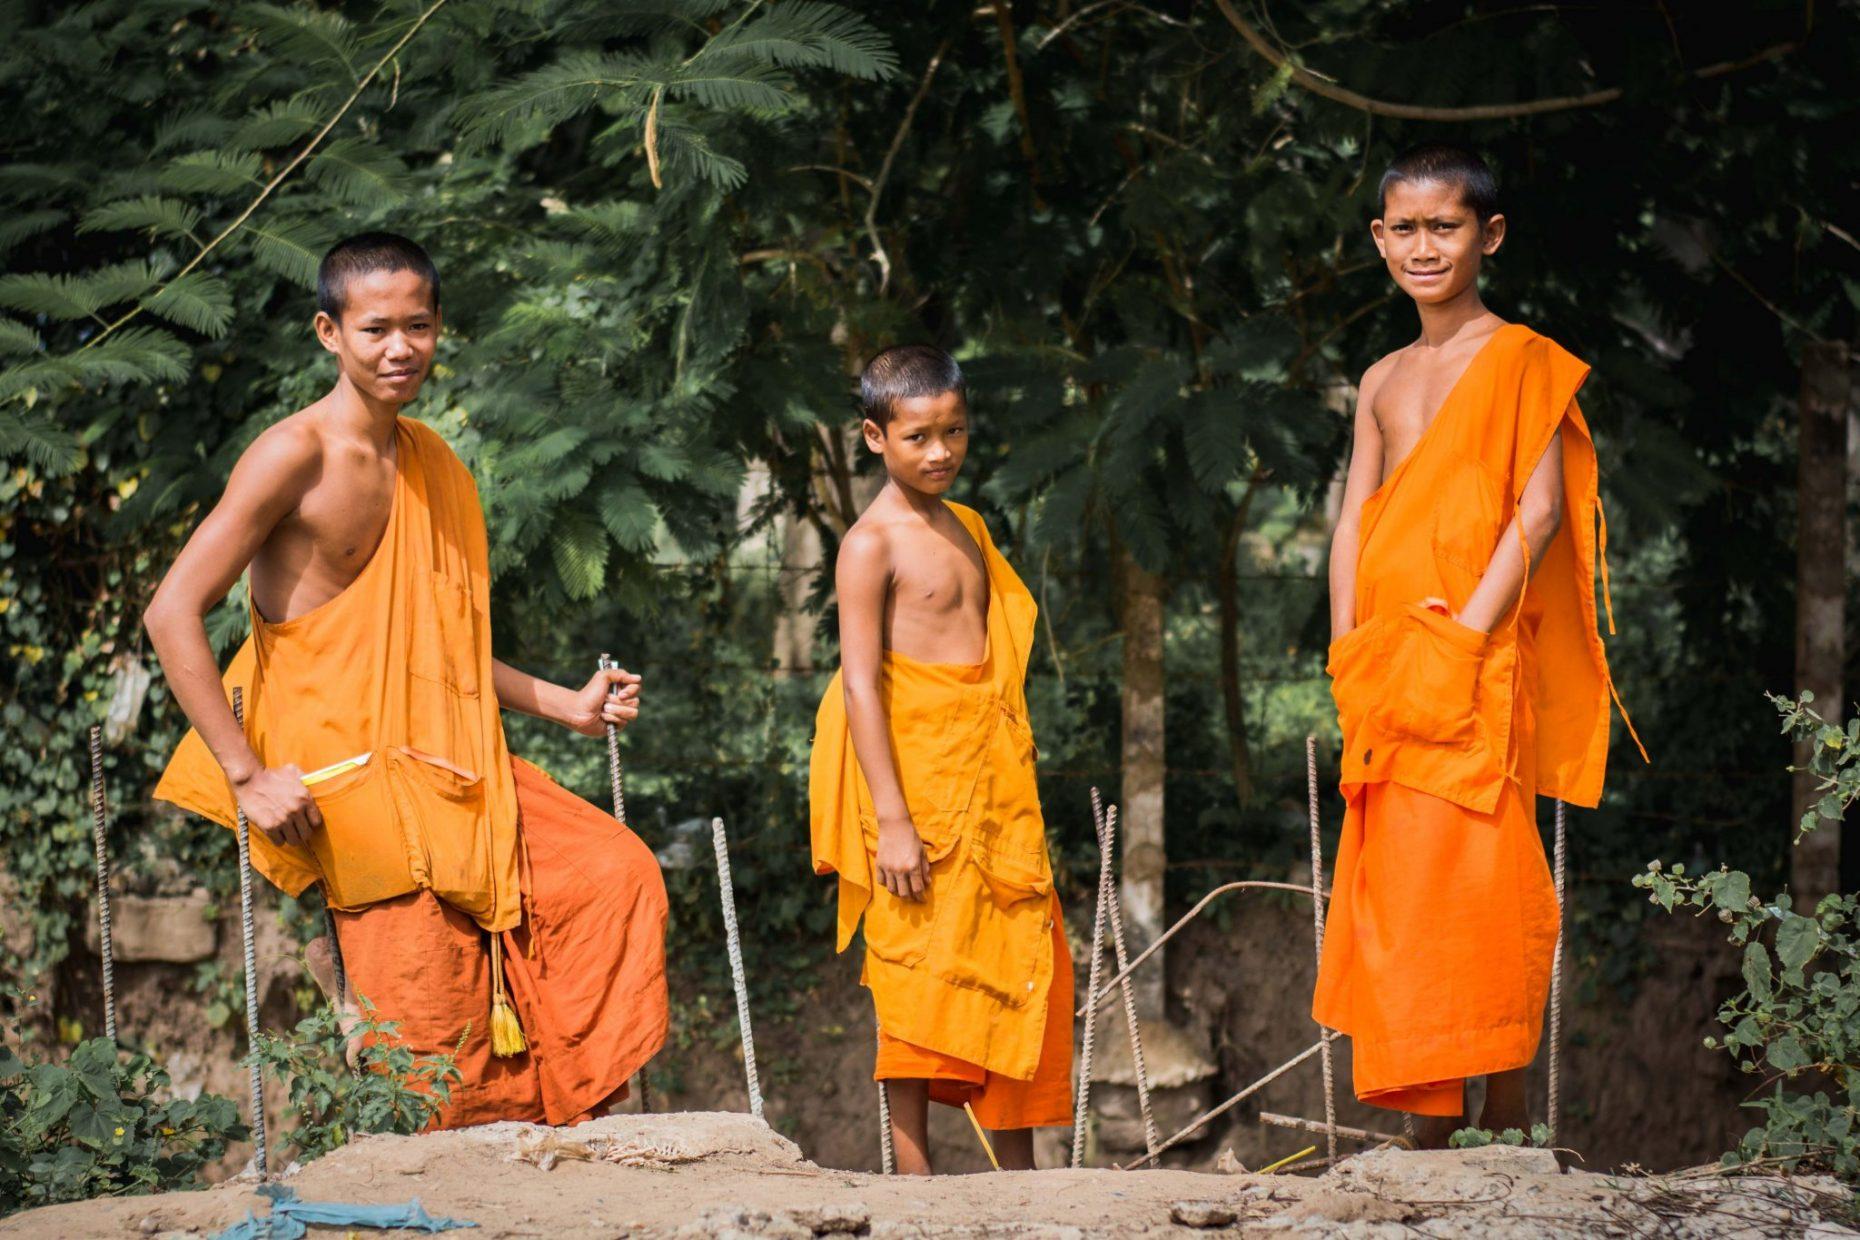 Monk form Laos